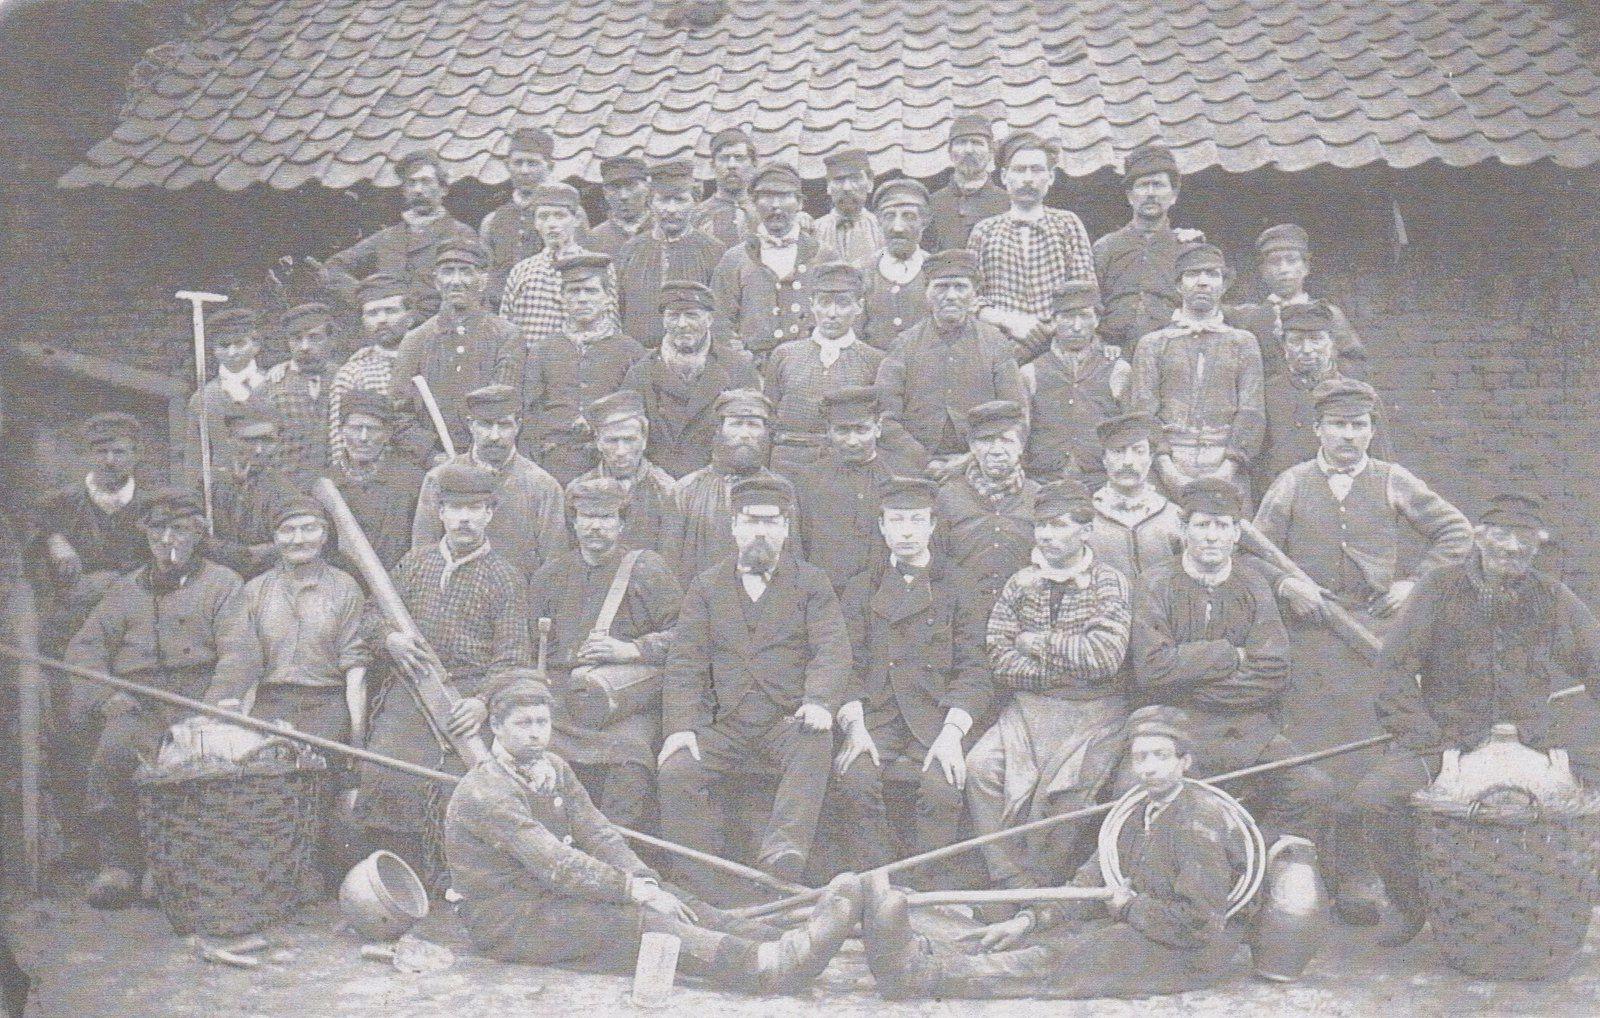 1881, la majorité des ouvriers de la Verrerie d'en Haut avaient fait le choix de porter la DESFOUX , dit la Deffe : casquette à 3 ponts  du célèbre chapelier parisien Desfoux